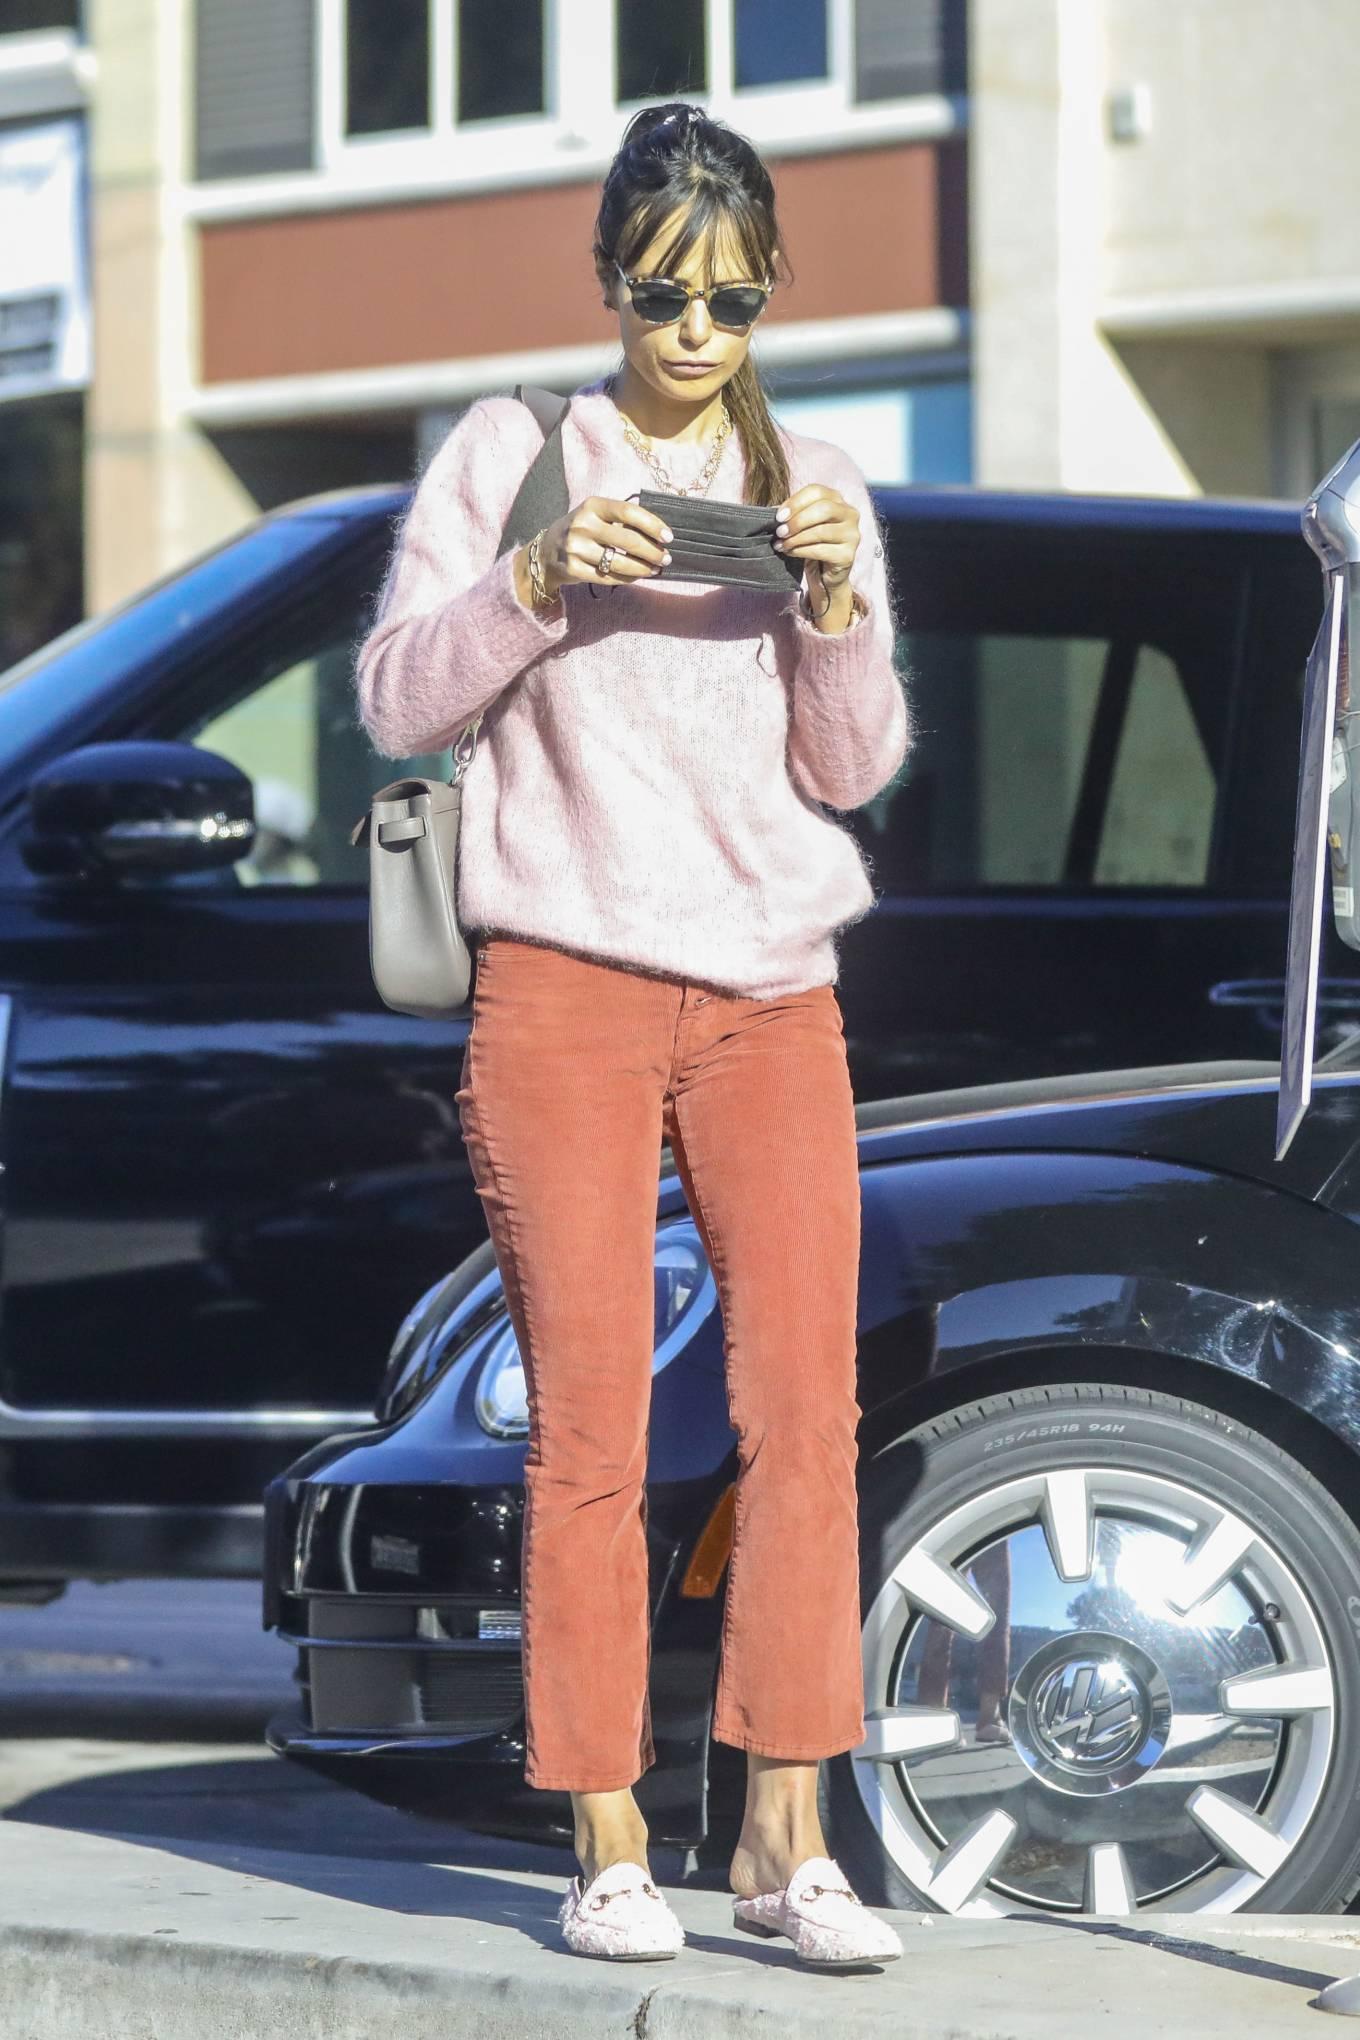 Jordana Brewster 2020 : Jordana Brewster – In a pink sweater out in L.A.-07